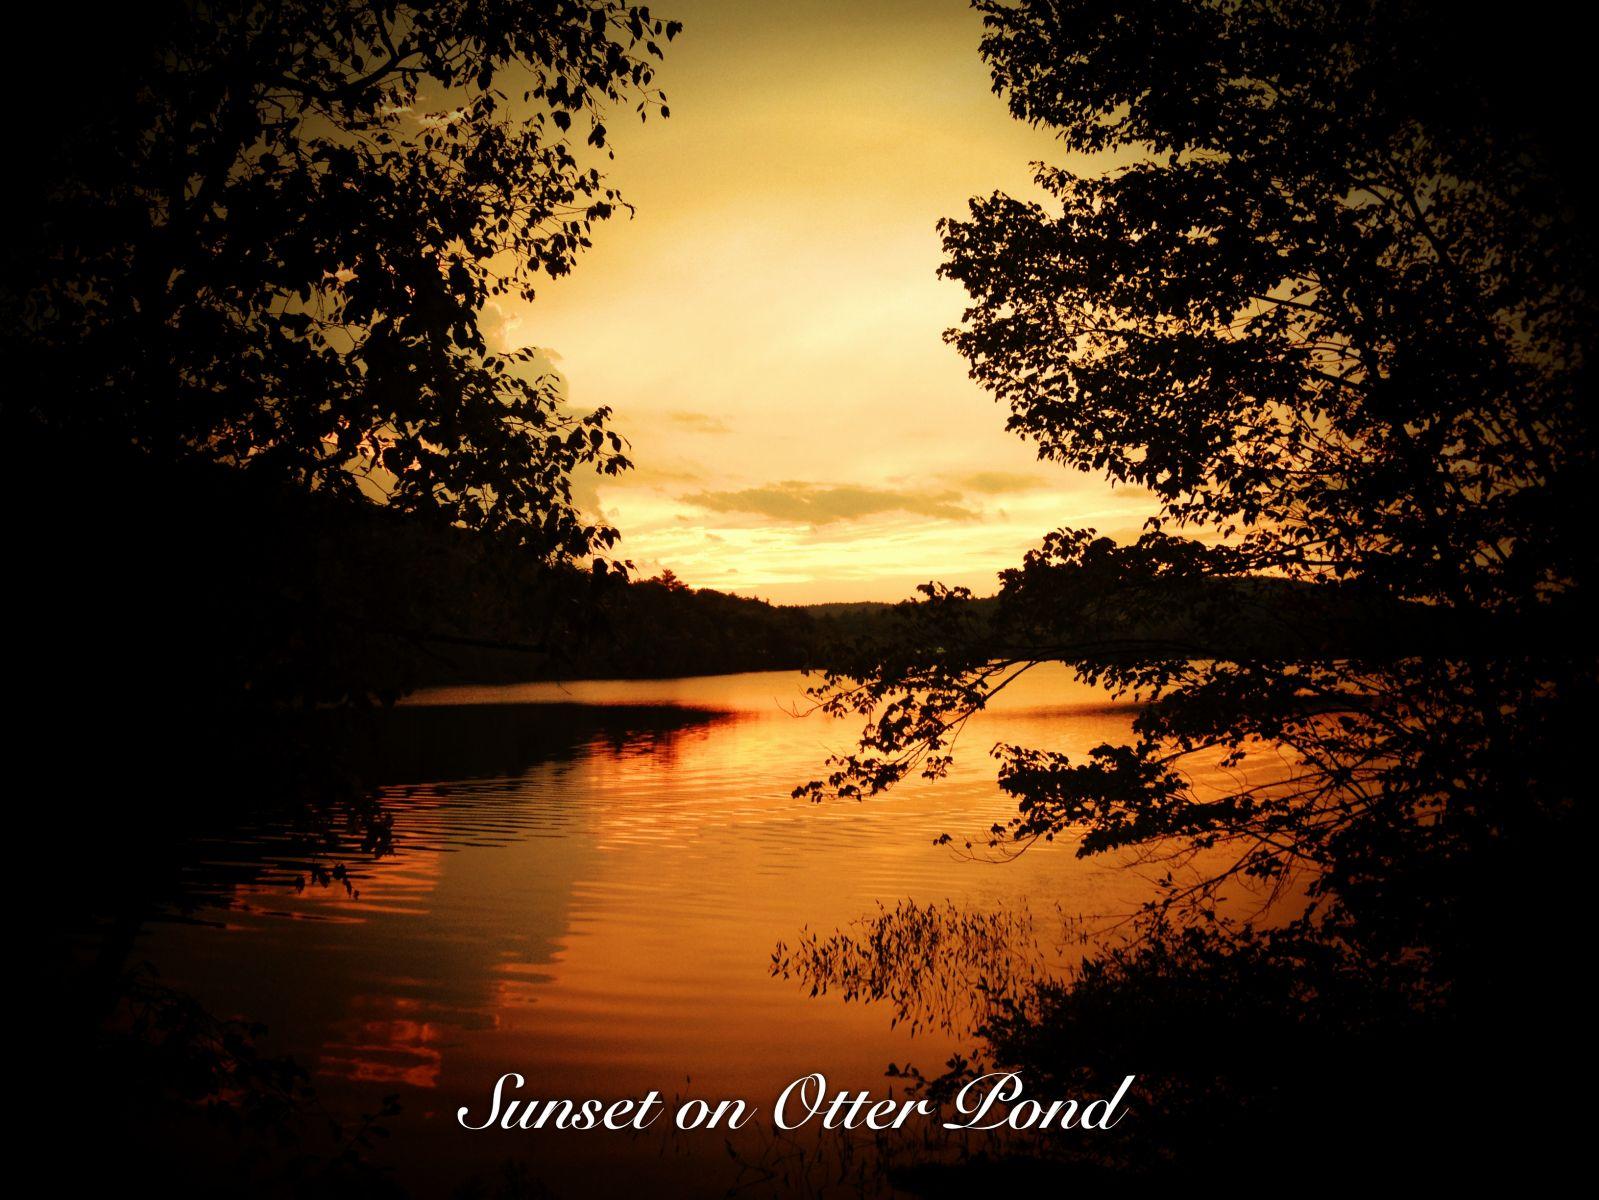 Sunset on Otter Pond